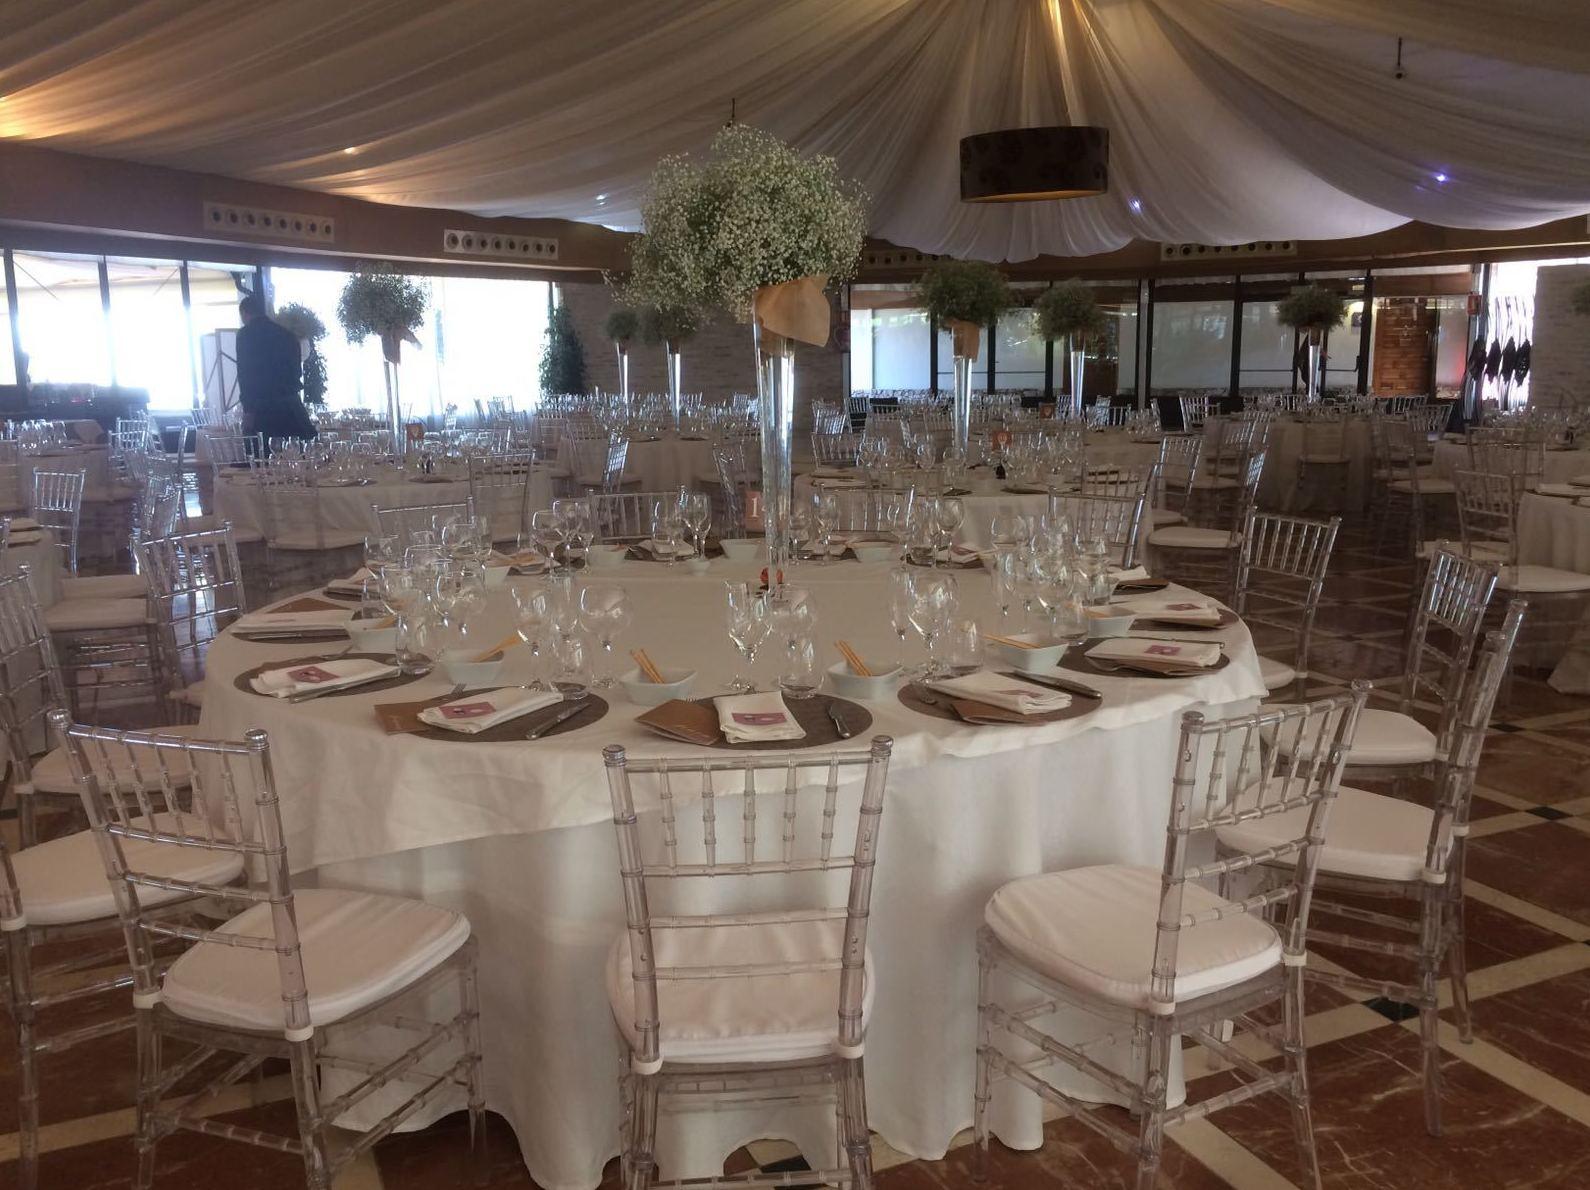 Foto 83 de Alquiler de sillas, mesas y menaje en  | Mantelería & Menaje